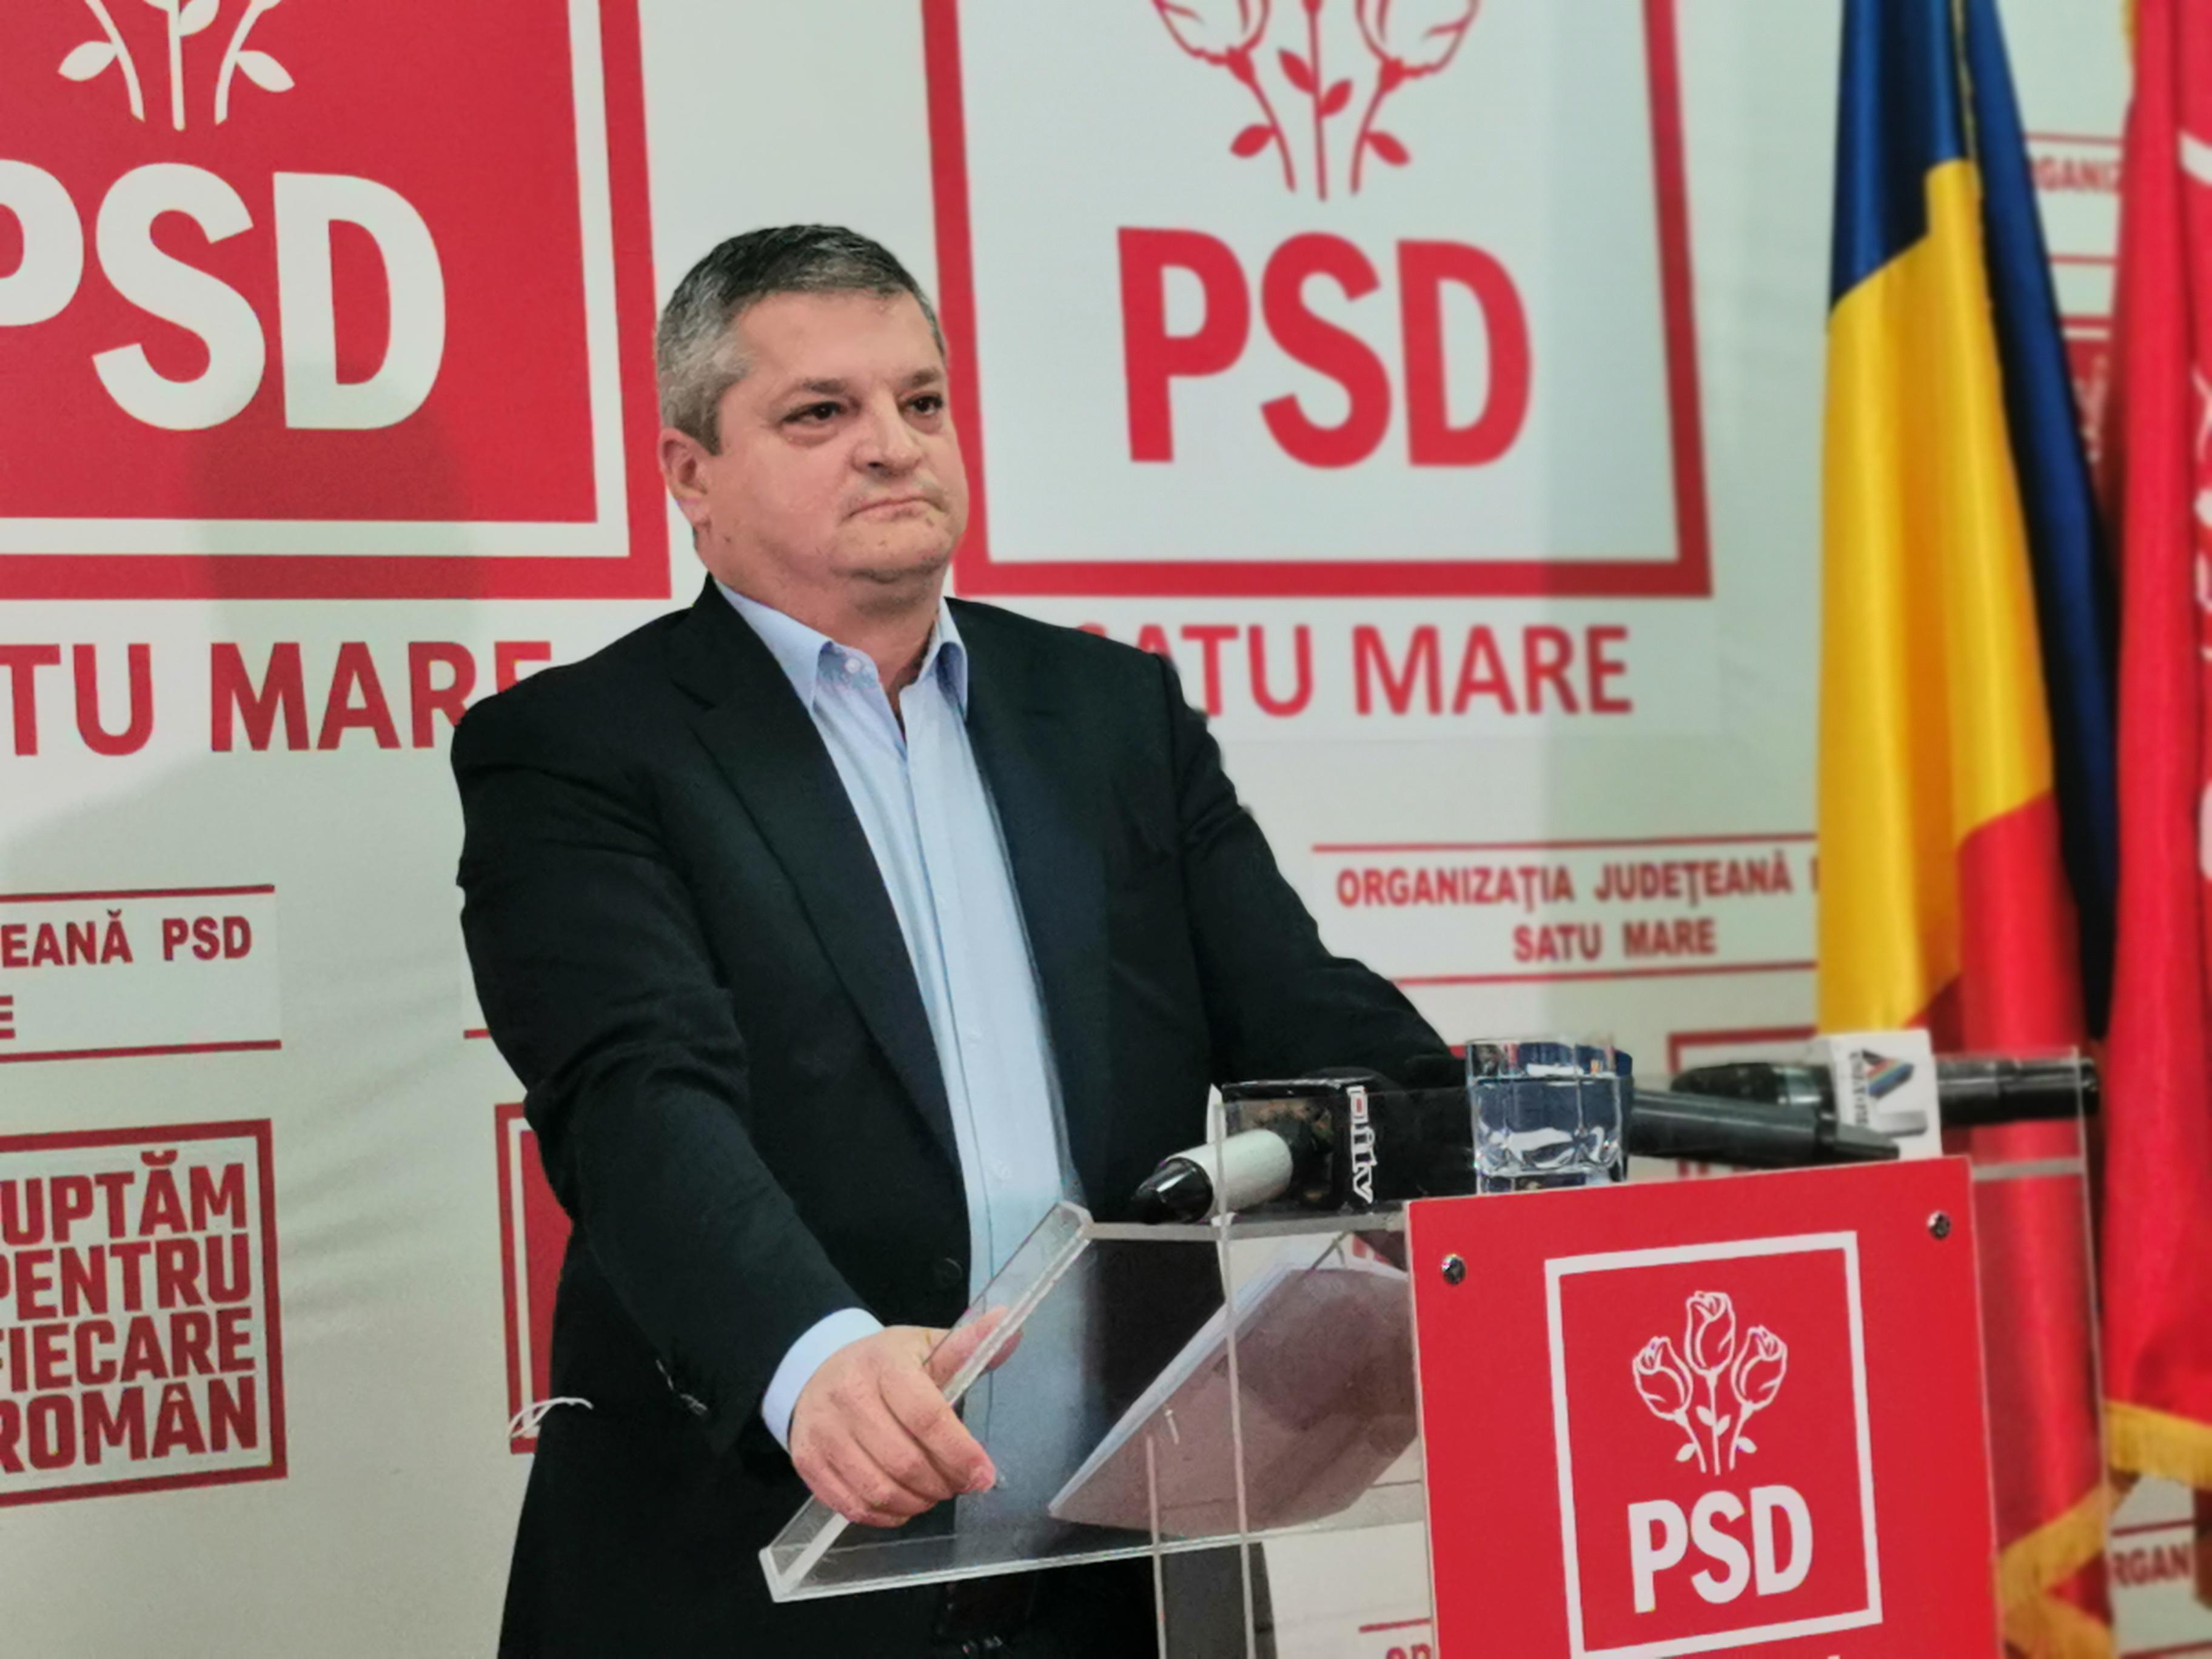 """Candidatul PSD la Camera Deputaților, Radu Cristescu: """"Orban e mai periculos ca noul coronavirus"""""""